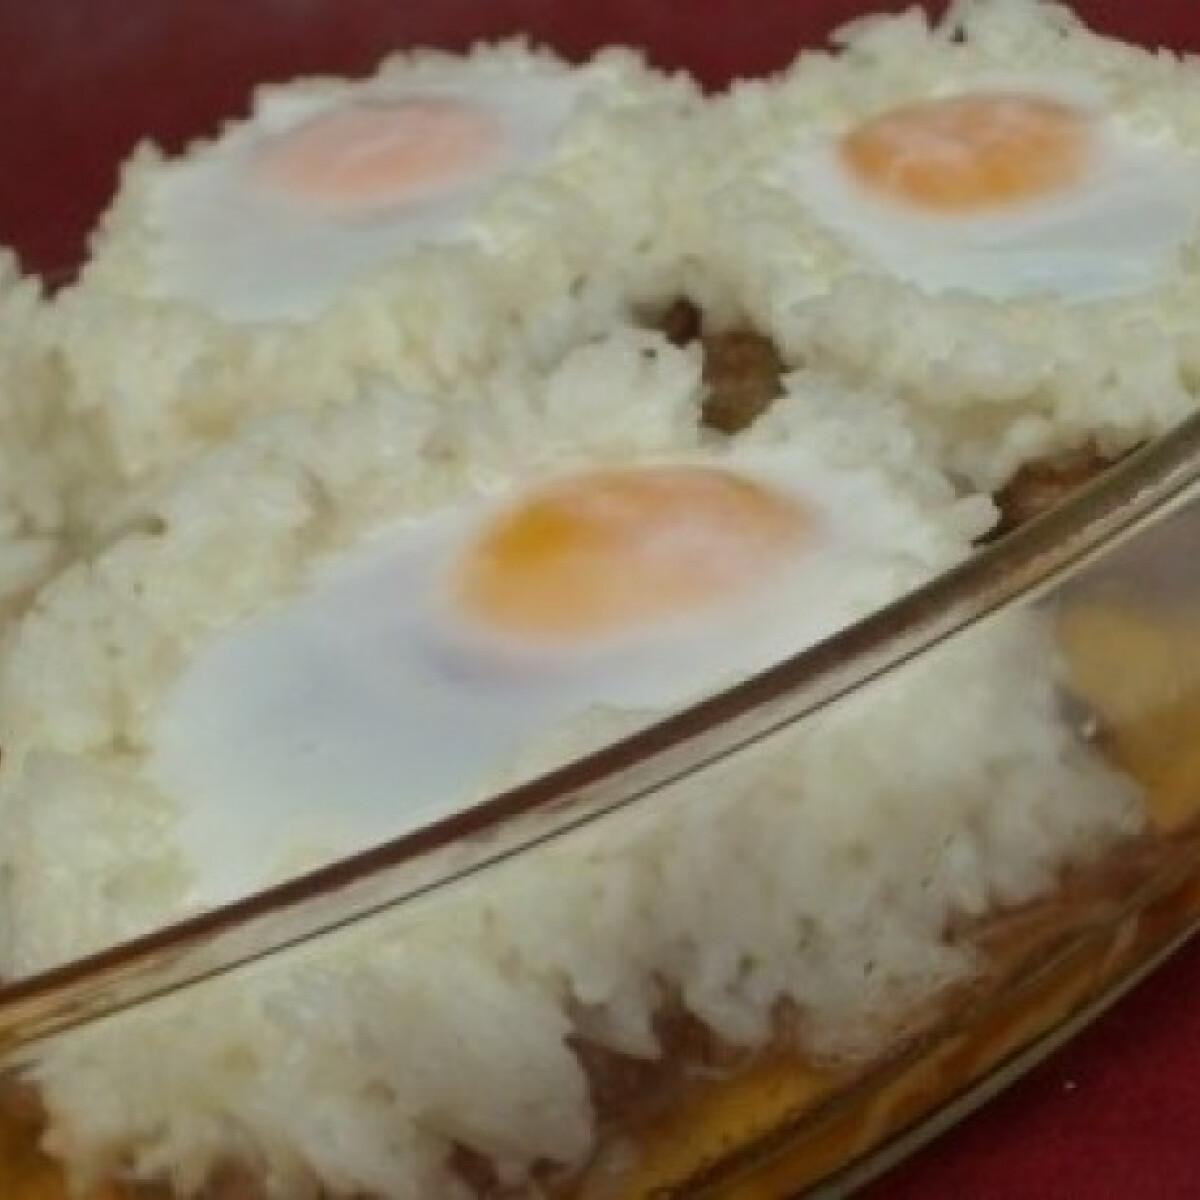 Ezen a képen: Karajszeletek rizskoszorúban sült tojással